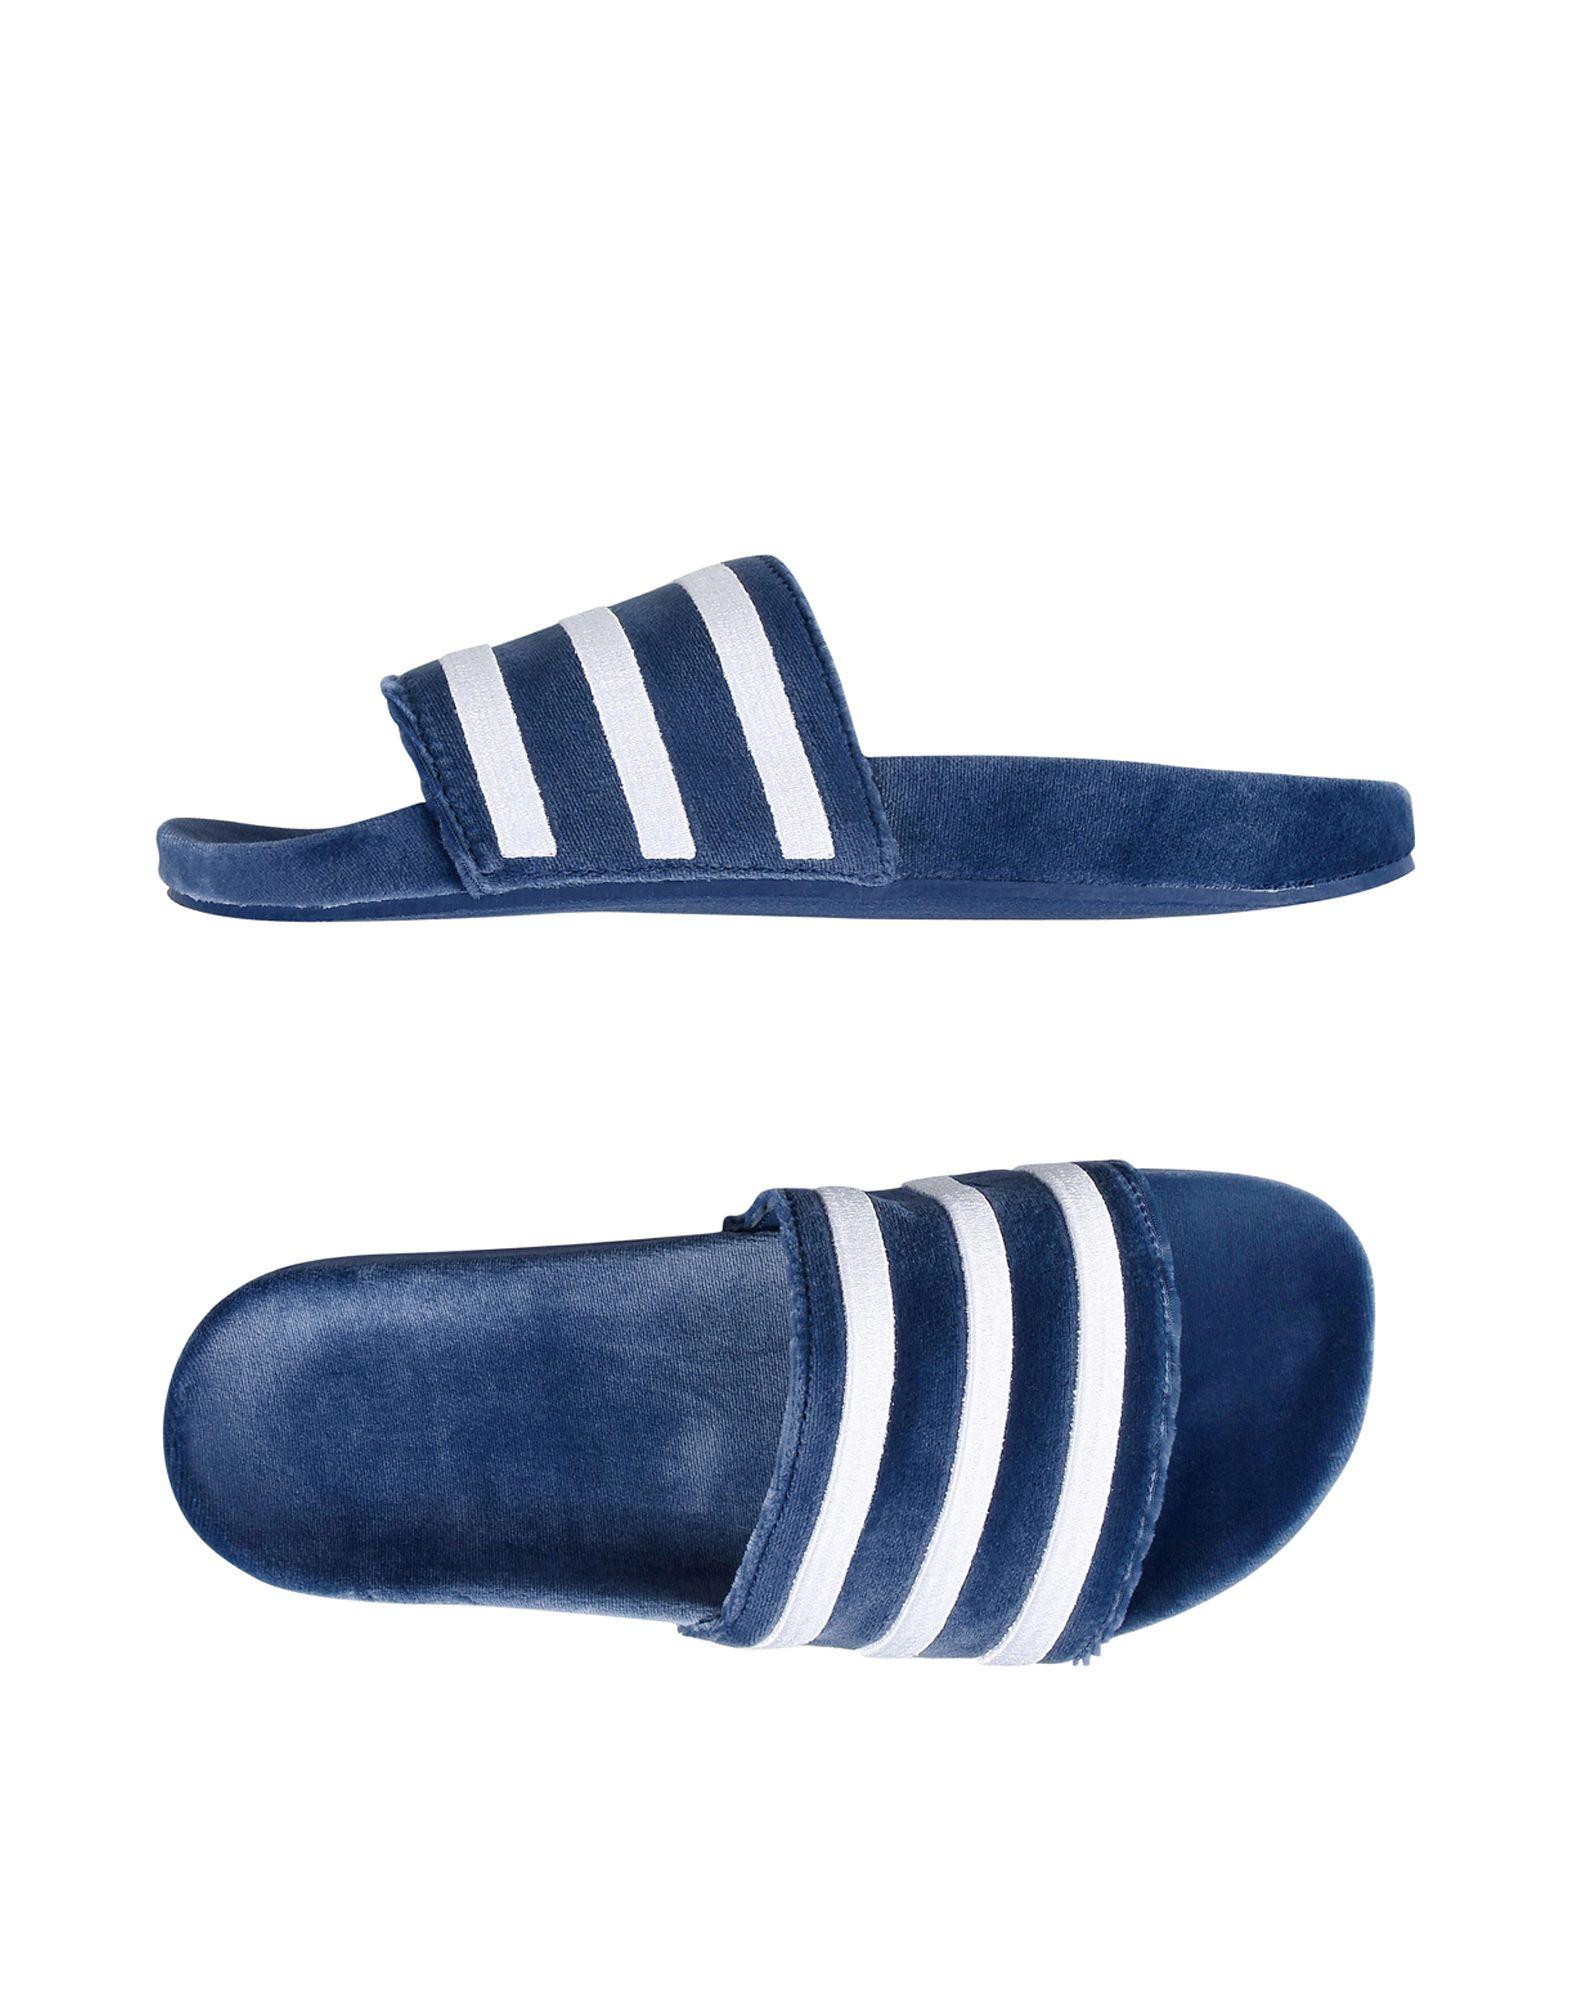 Ciabatte Adidas Originals Adilette - 11307132TM Uomo - 11307132TM - 18657c